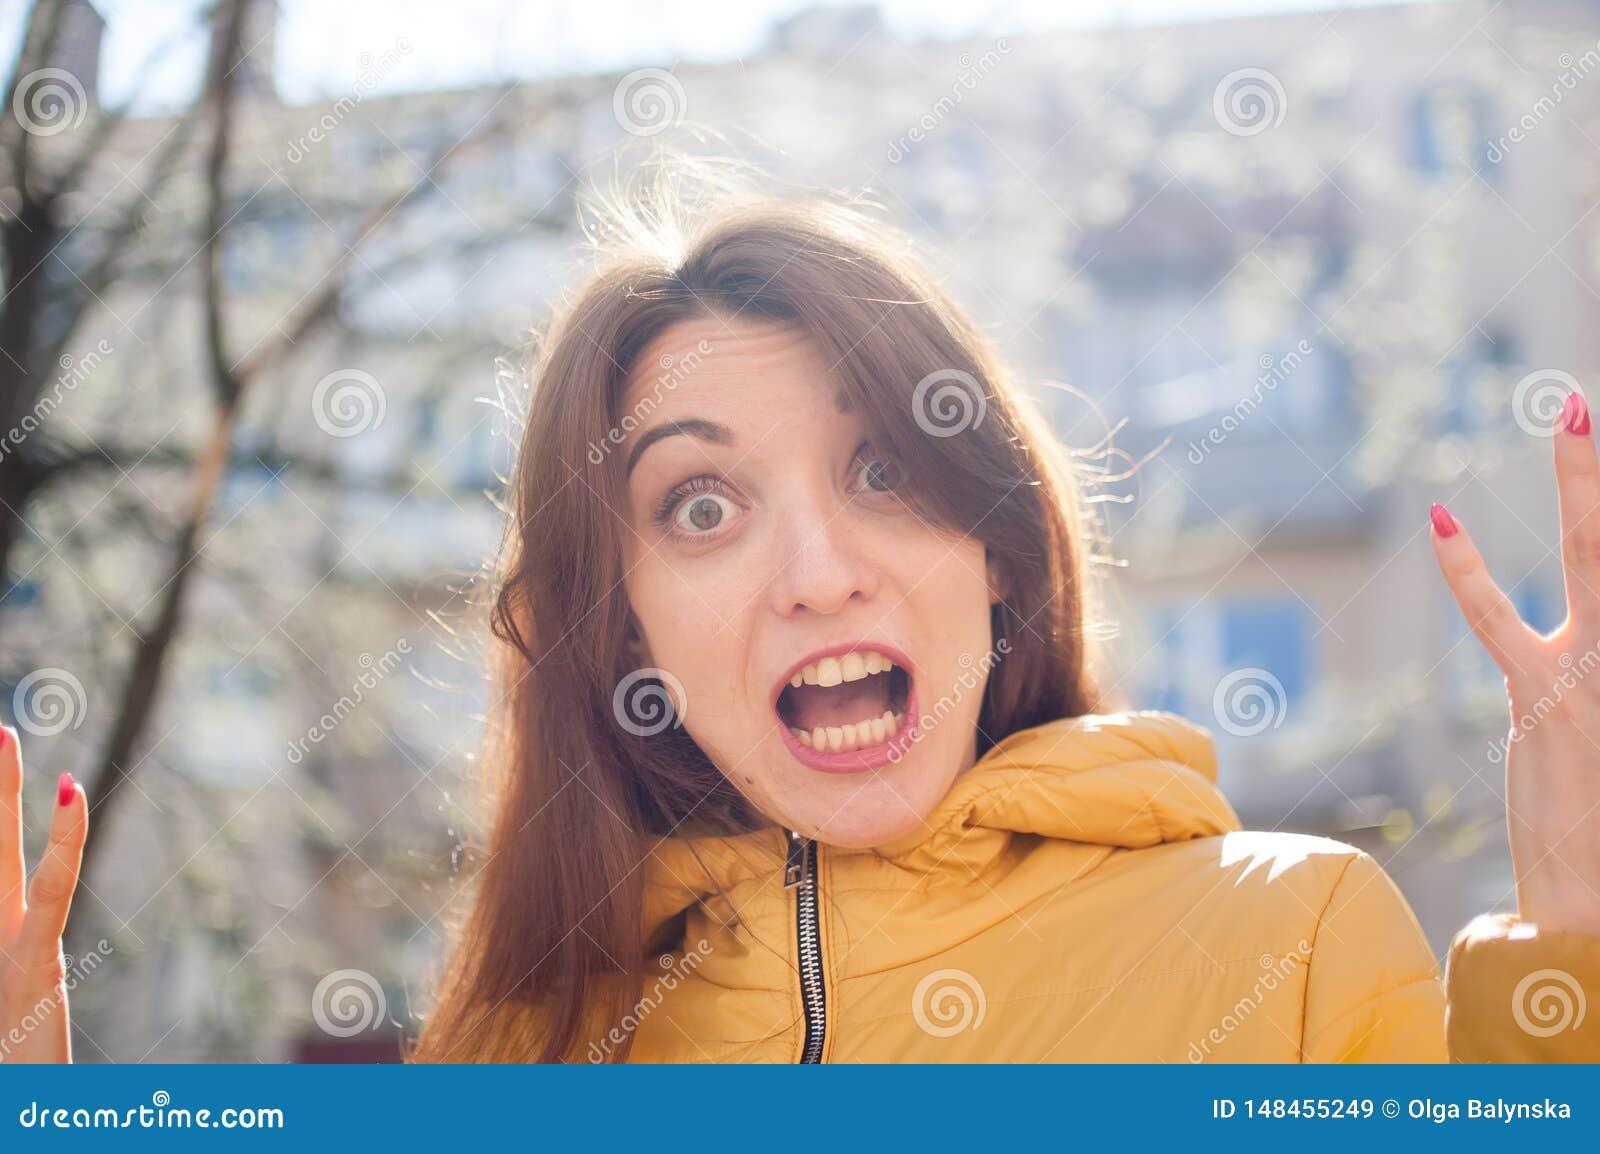 Смешной эмоциональный женский портрет молодого брюнета в яркой желтой куртке смотря камеру с невероятным ударом